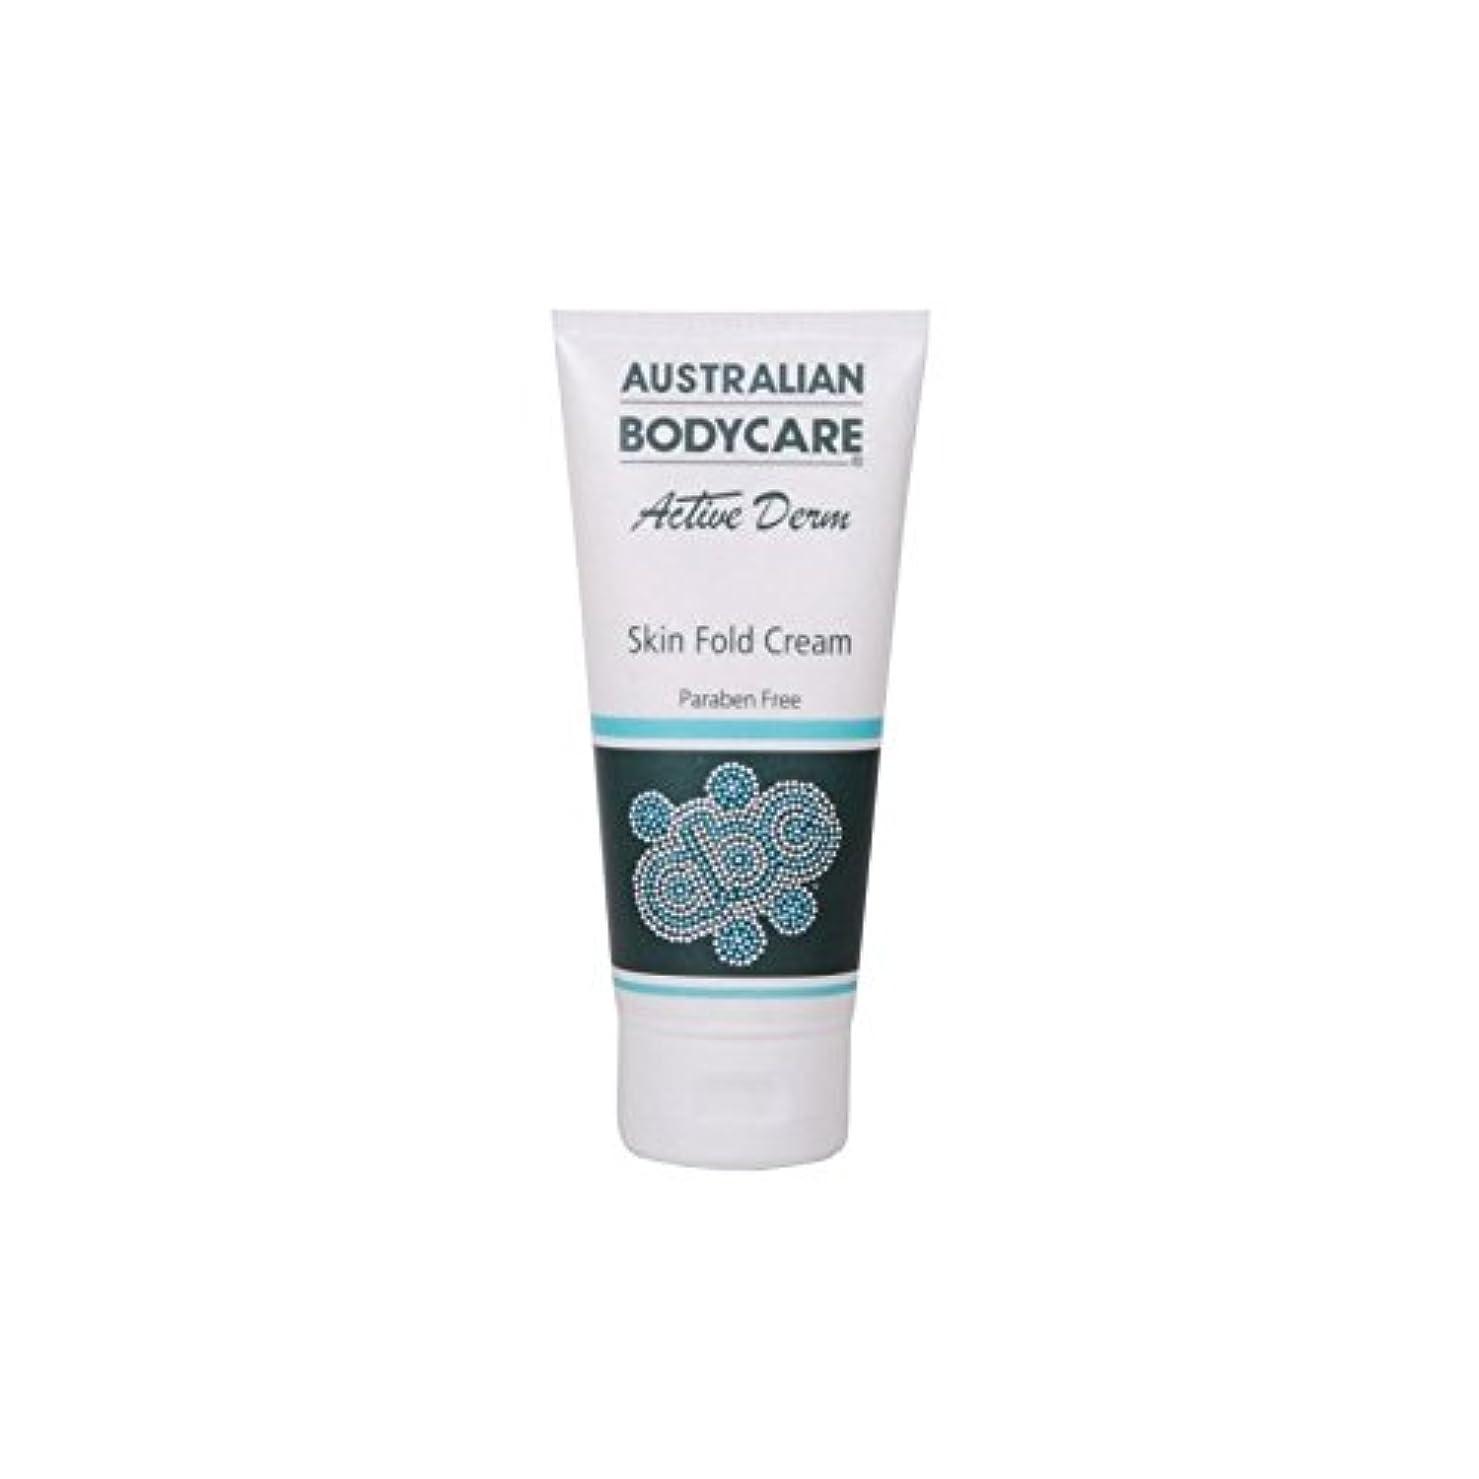 エチケットいいね規制するオーストラリアのボディケアアクティブダーム皮膚のひだクリーム(100ミリリットル) x4 - Australian Bodycare Active Derm Skin Fold Cream (100ml) (Pack of...